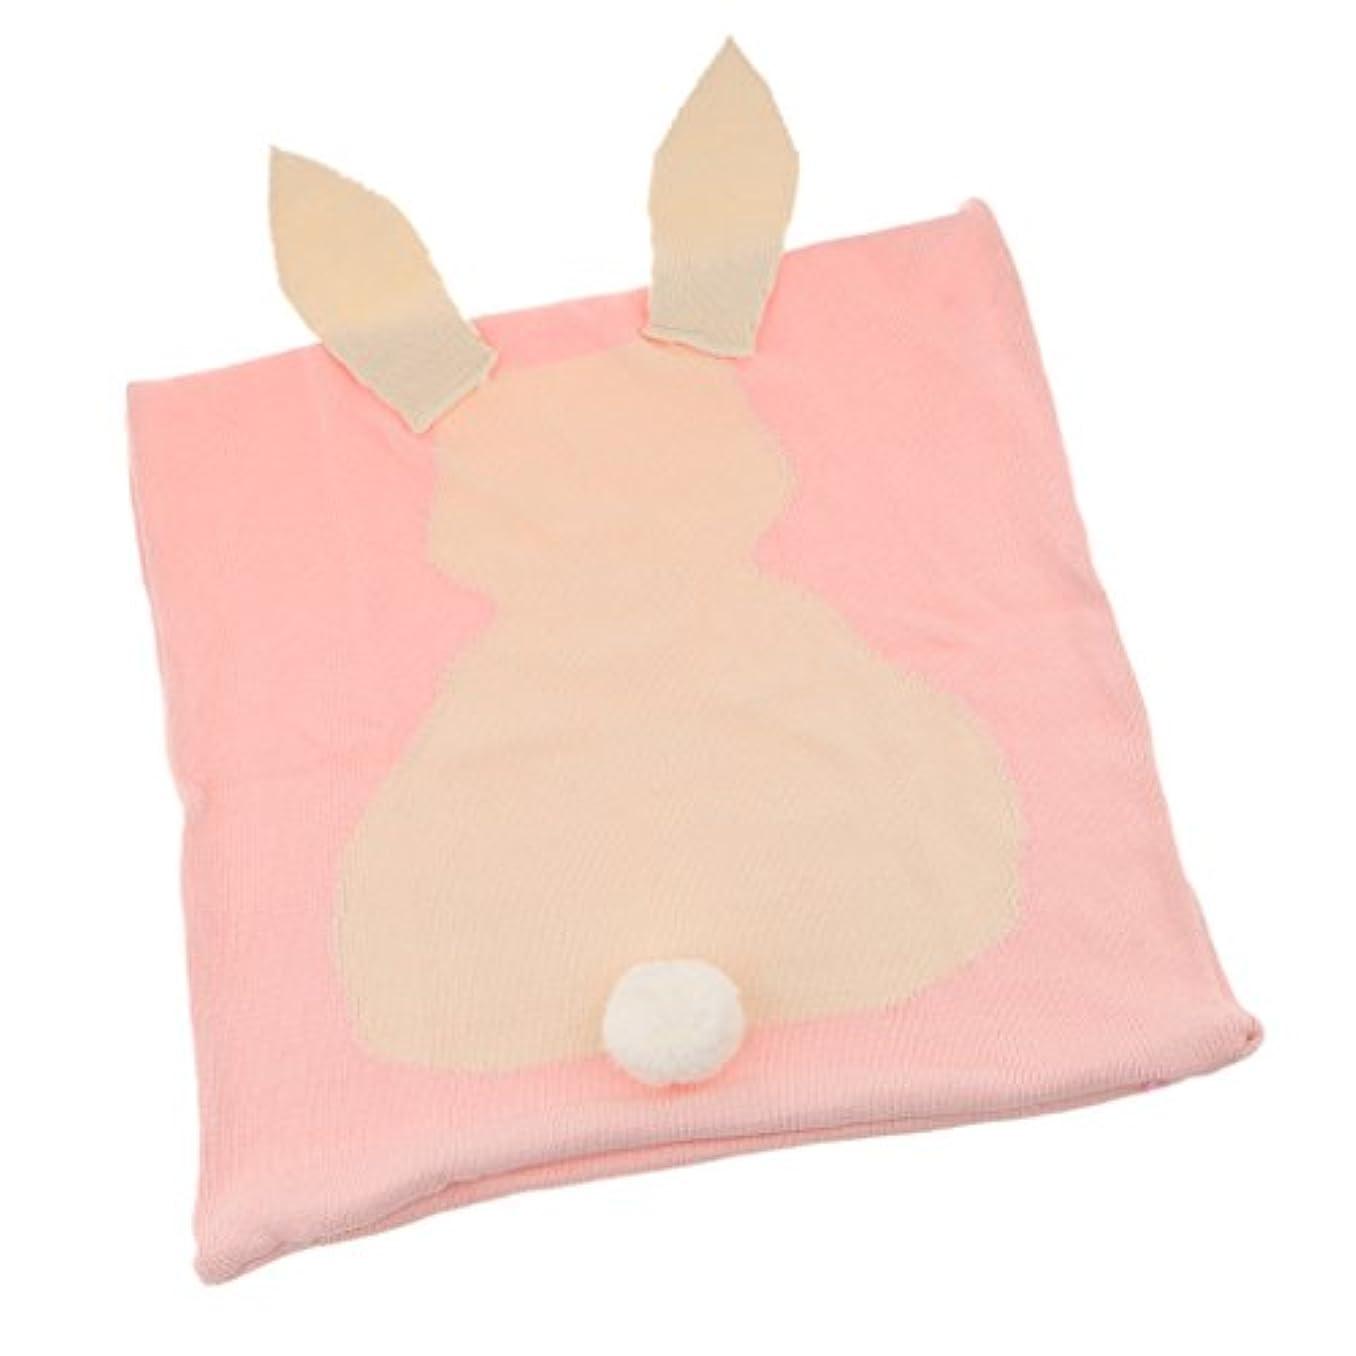 プラスチック落ち着いたハンマー綿 ニット 癒し ウサギ ピローケース ソファ ベッド クッション カバー 枕カバー - ピンク